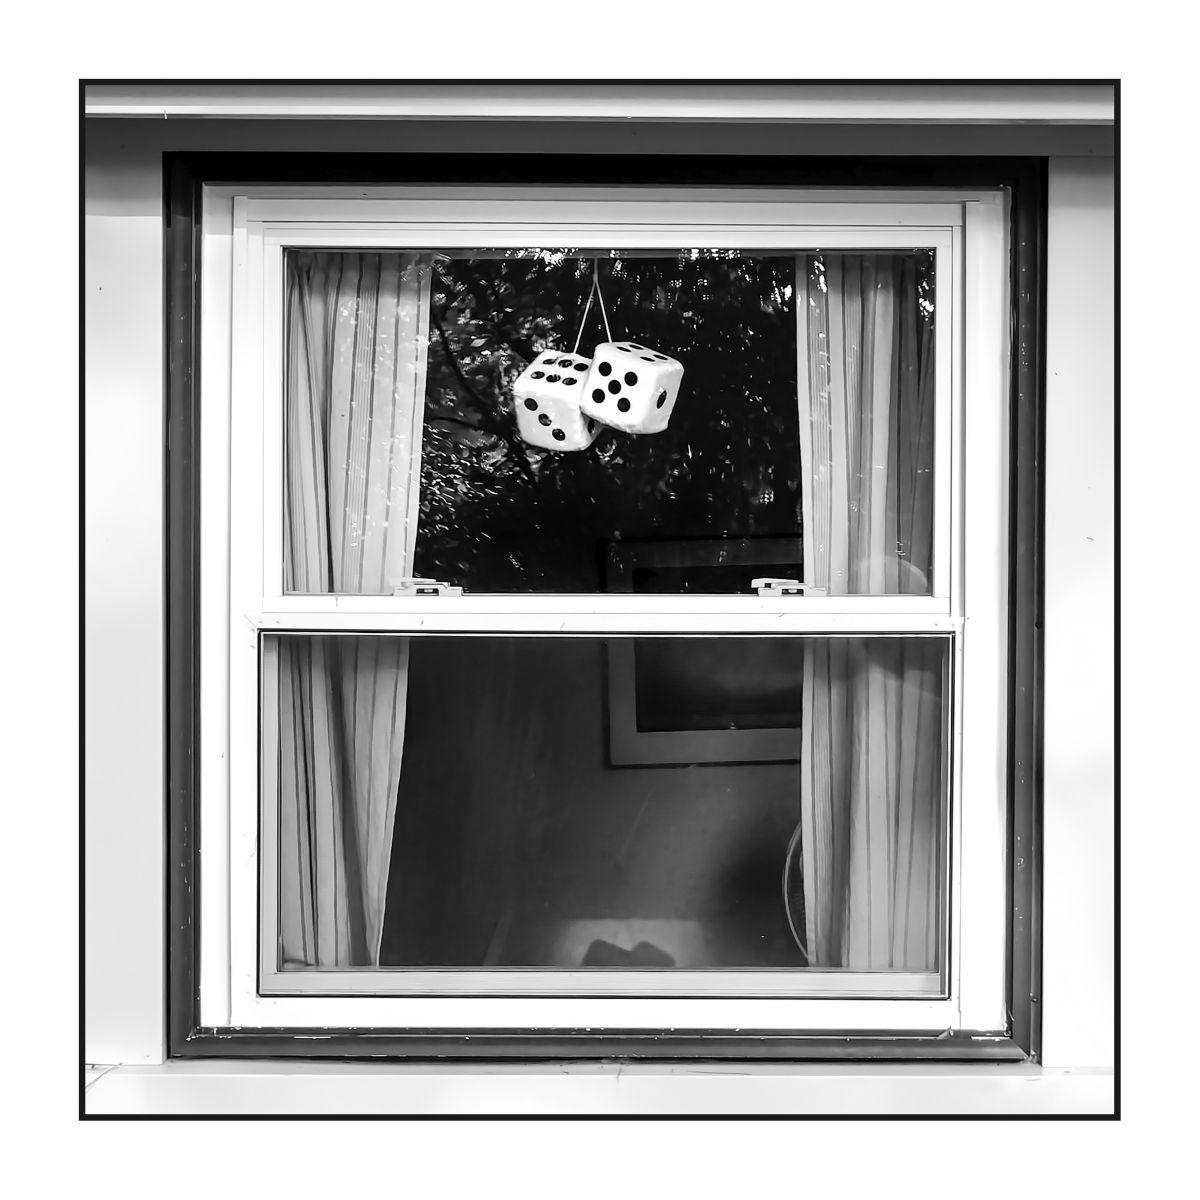 Timothy Valentine - Fuzzy DIce